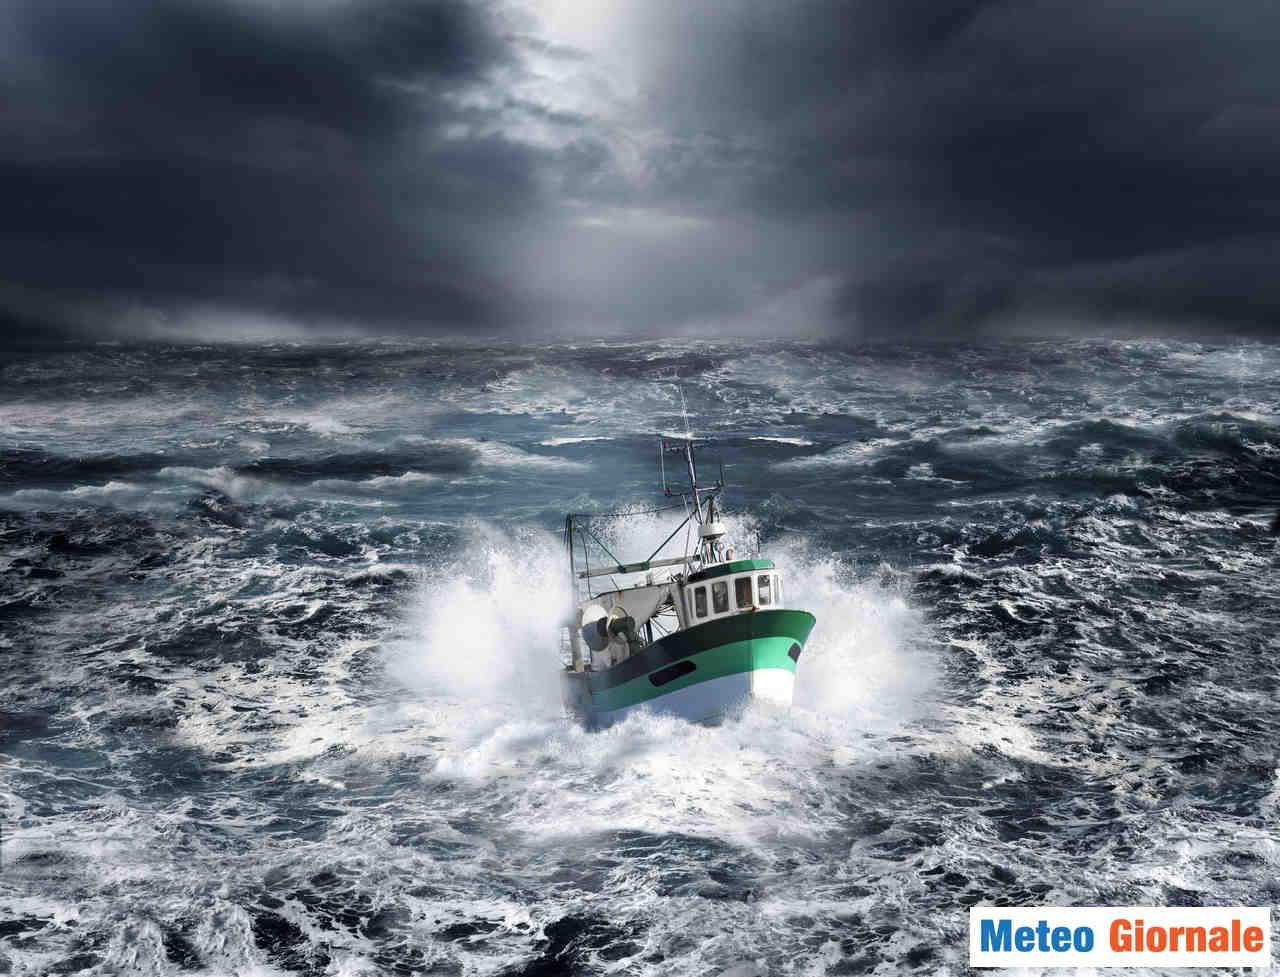 meteo giornale 00013 - WEEKEND meteo BRUTTO precederà settimana di BURRASCA